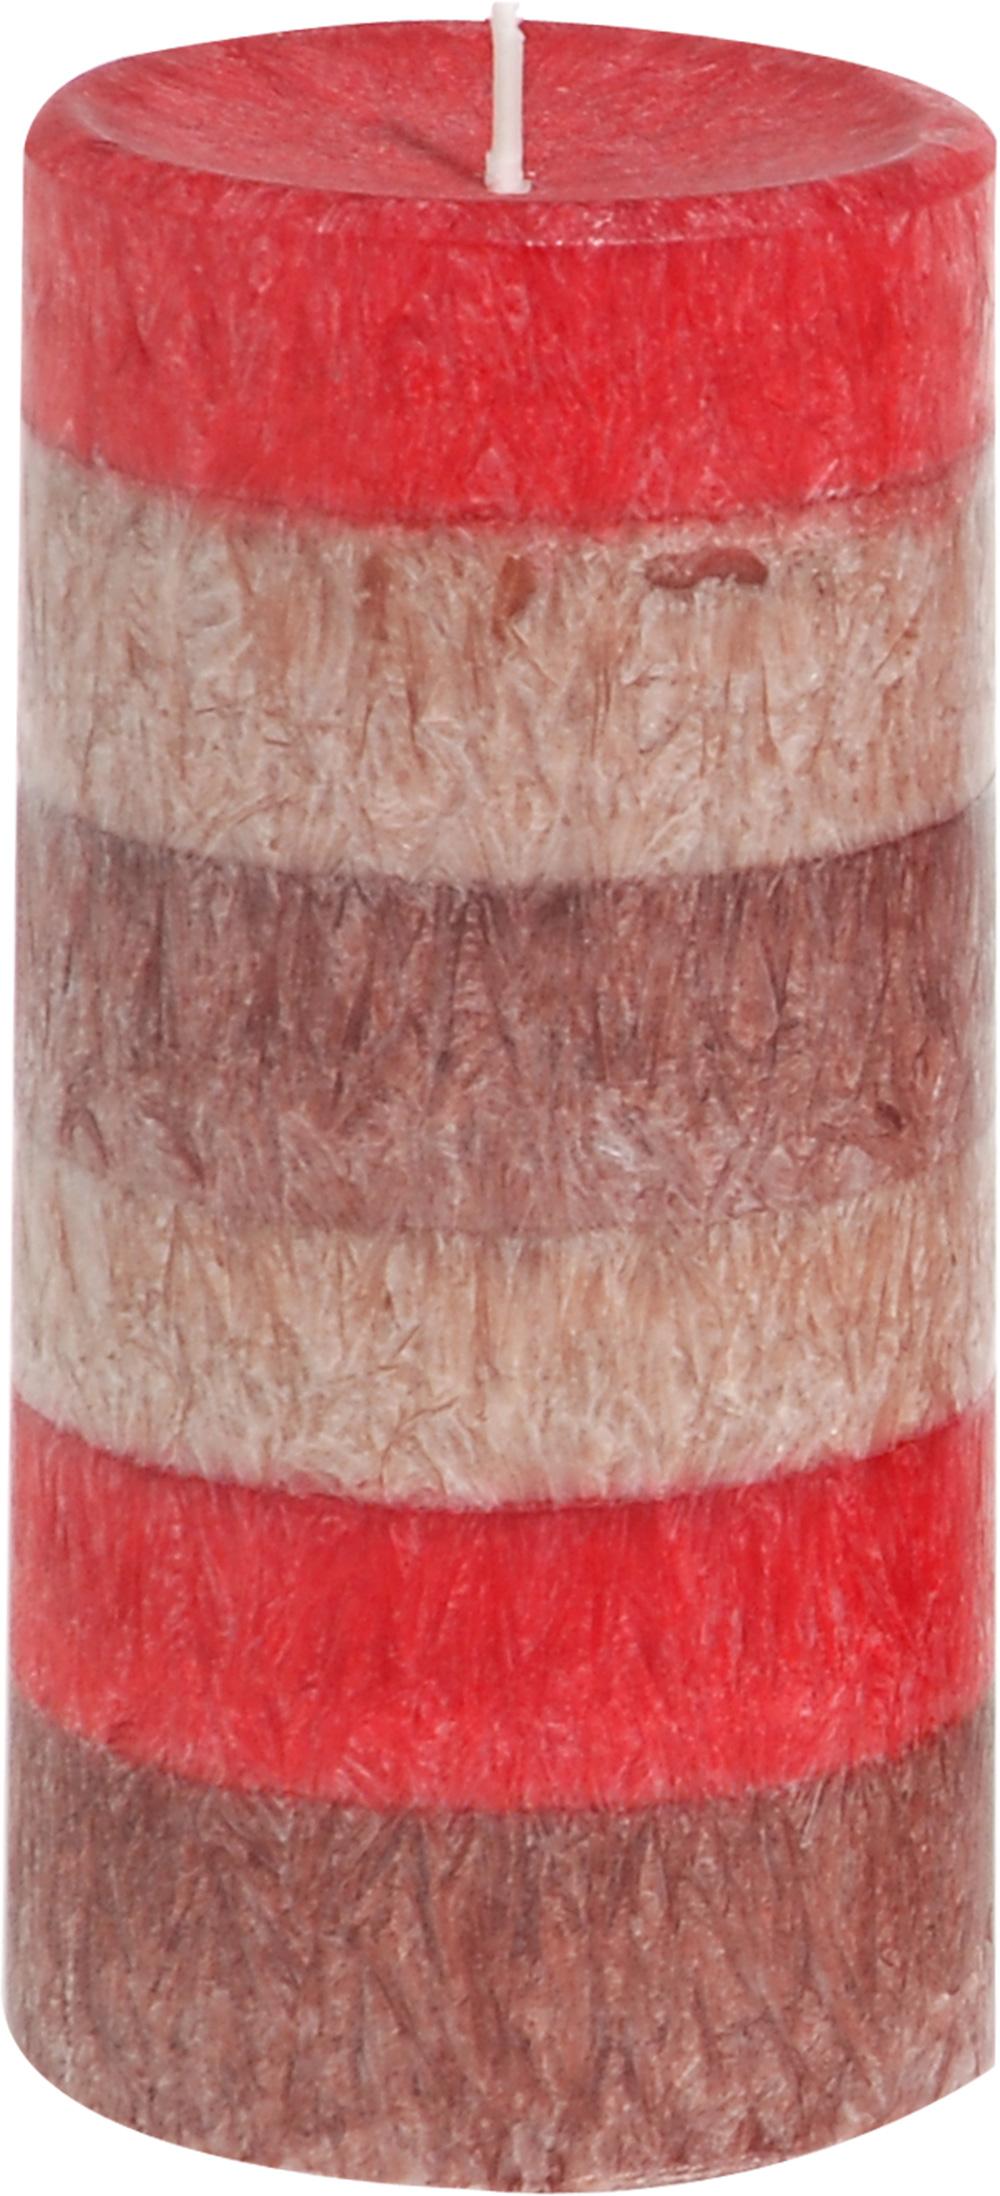 Κερί Κόκκινο – OEM – 4-SK 156603